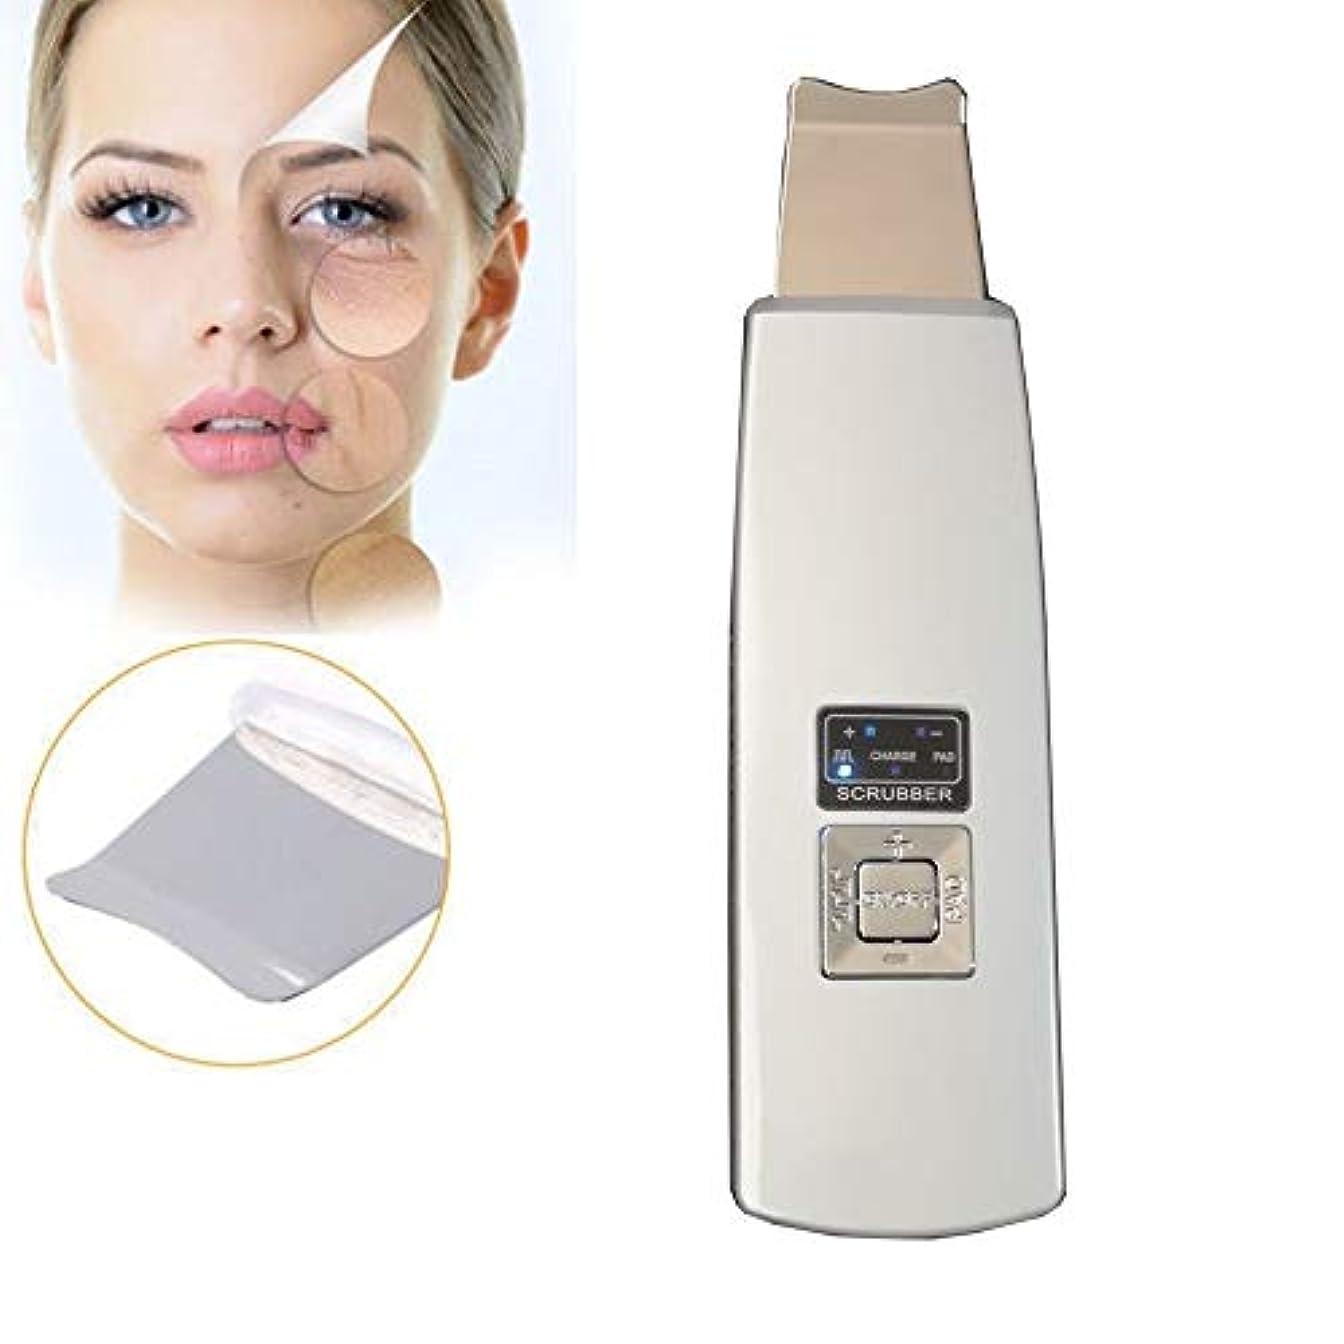 直立フェミニン明確に顔の皮膚のスクラバー、ポータブル?フェイシャル超音波超音波イオンスキンケアスクラバーデバイス美容機は、ブラックヘッド面皰死んだ皮膚の除去を削除する方法